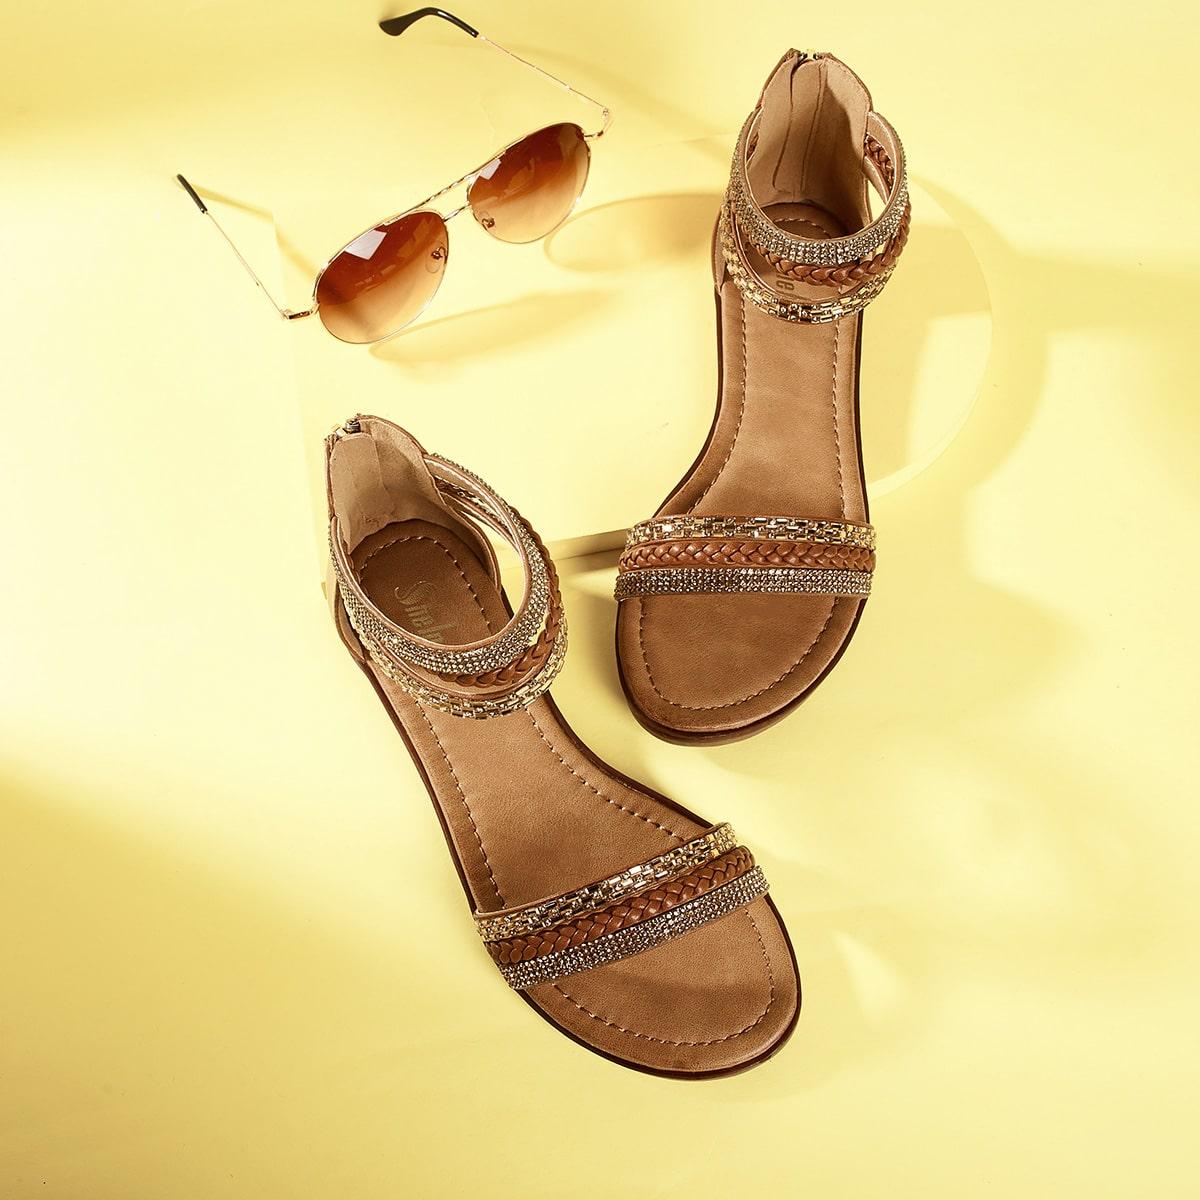 Sandales design tressé avec strass